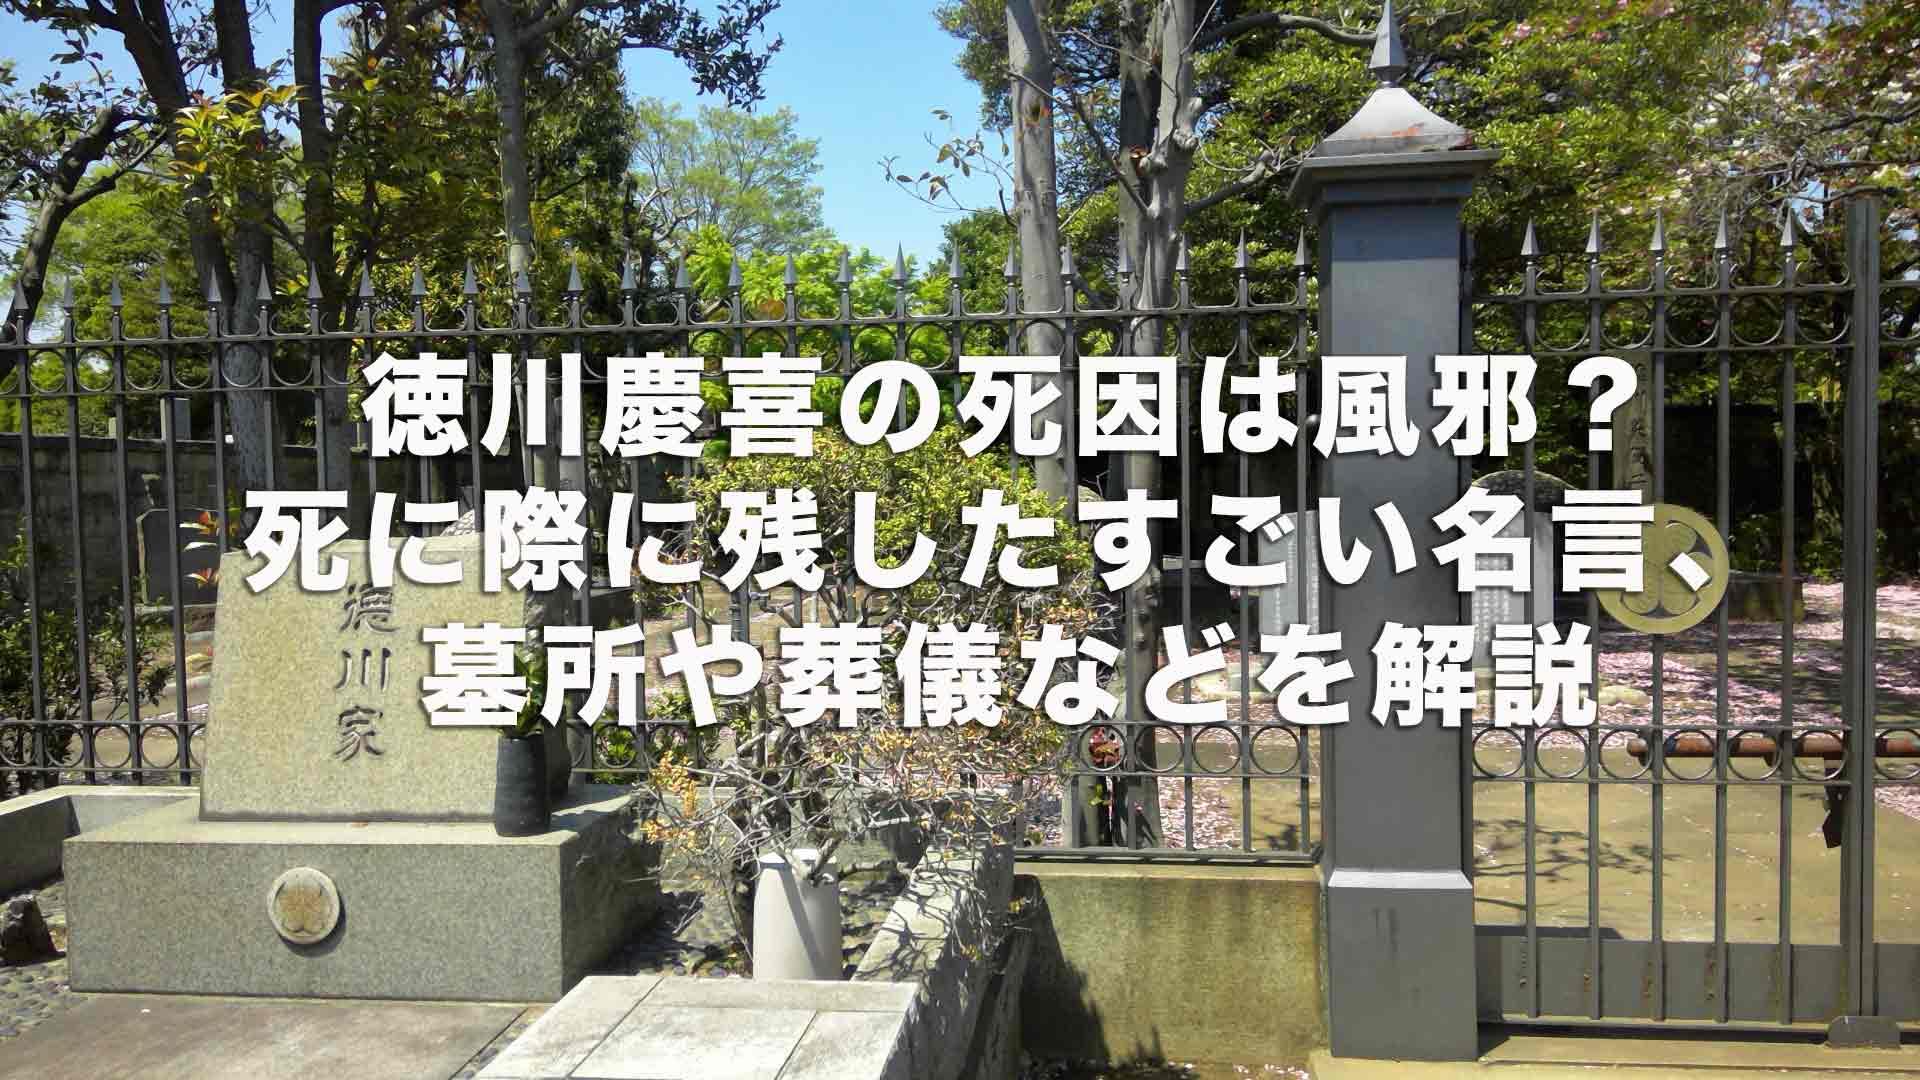 徳川慶喜の死因は風邪?死に際に残したすごい名言、墓所や葬儀などを解説